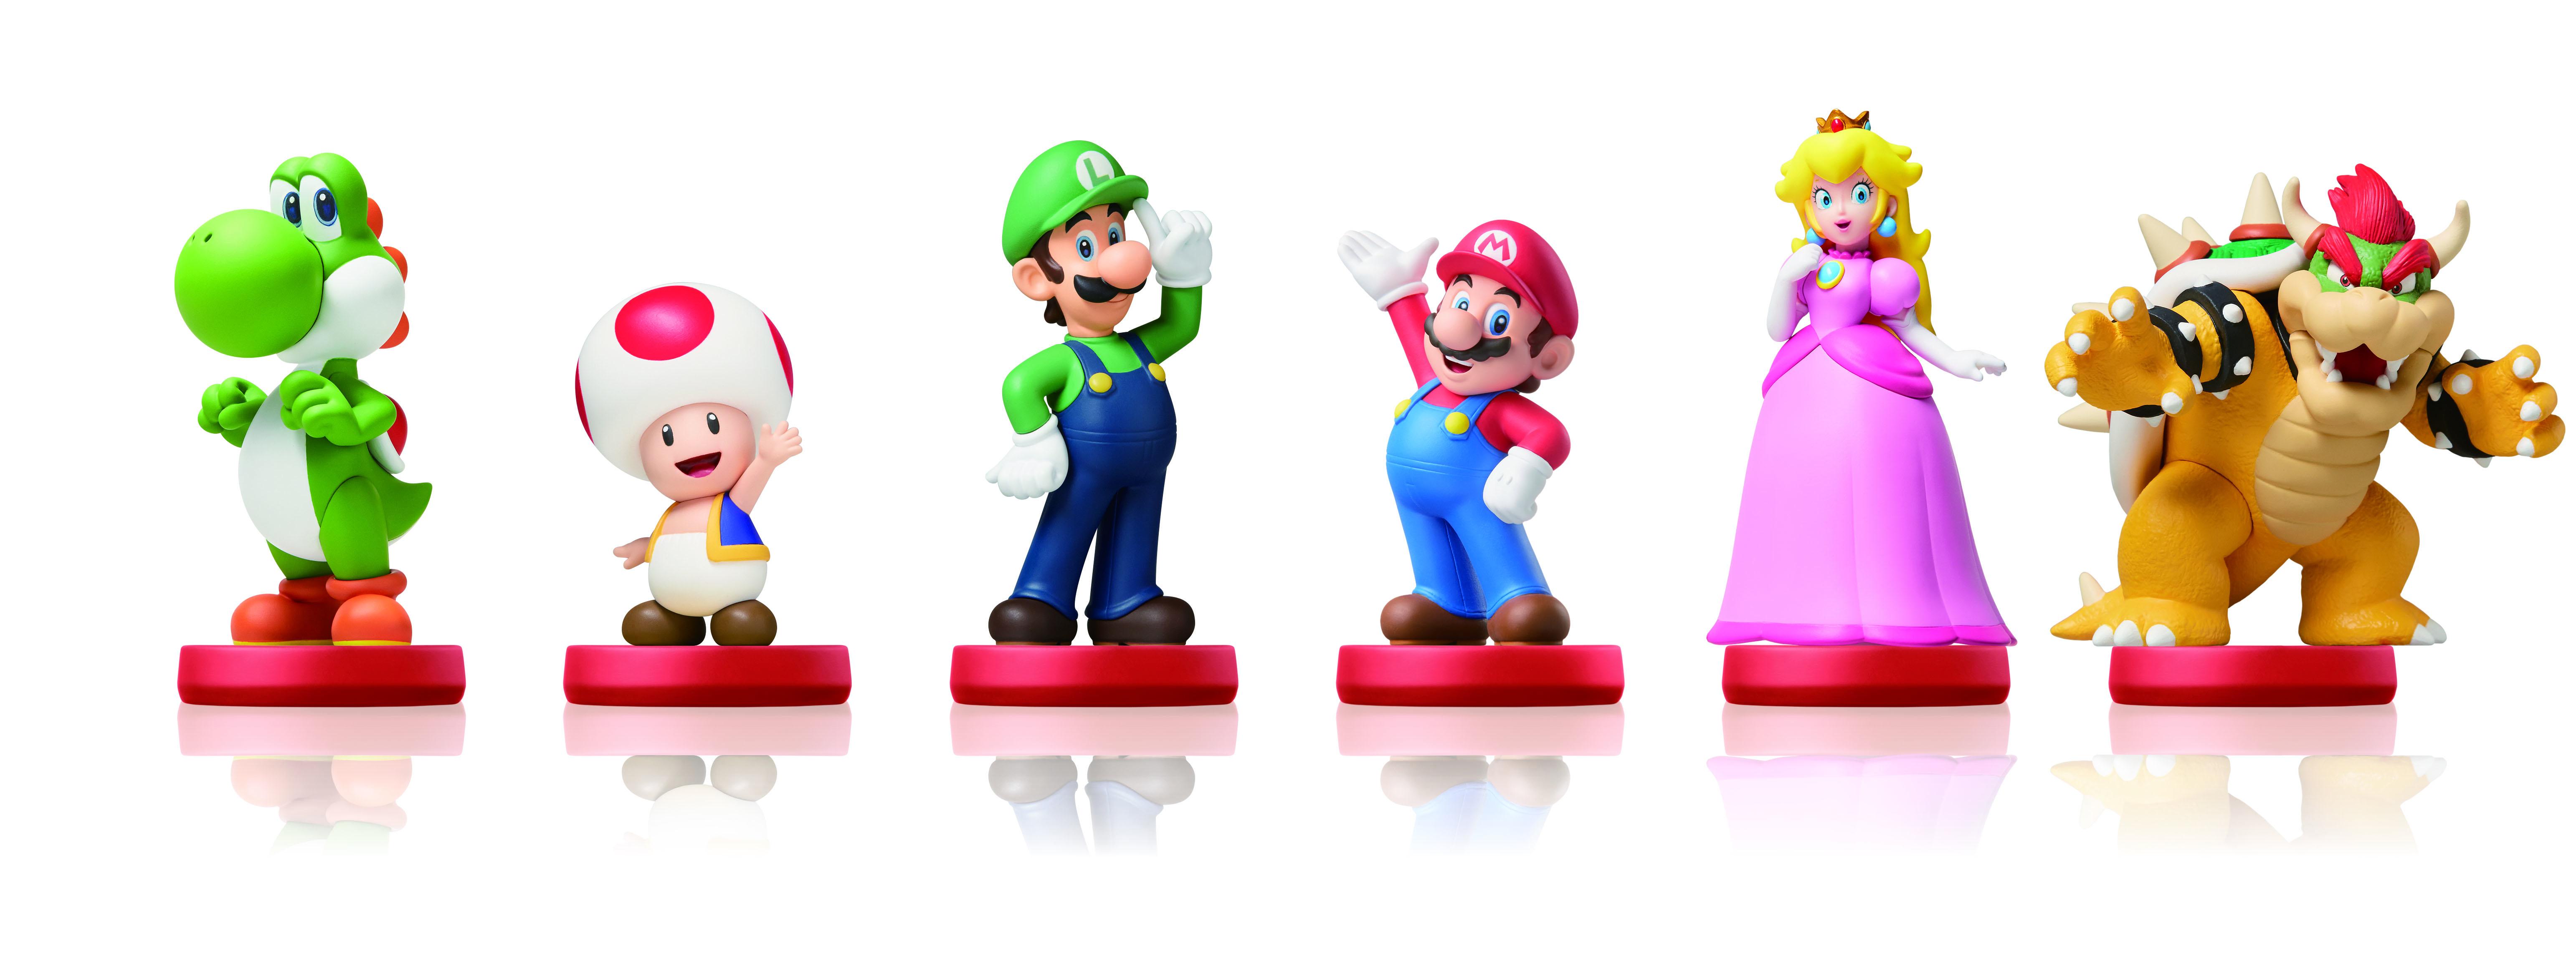 Mario Party 10 en approche… 861374cid3732anIN96801424354390318AWP10DB06